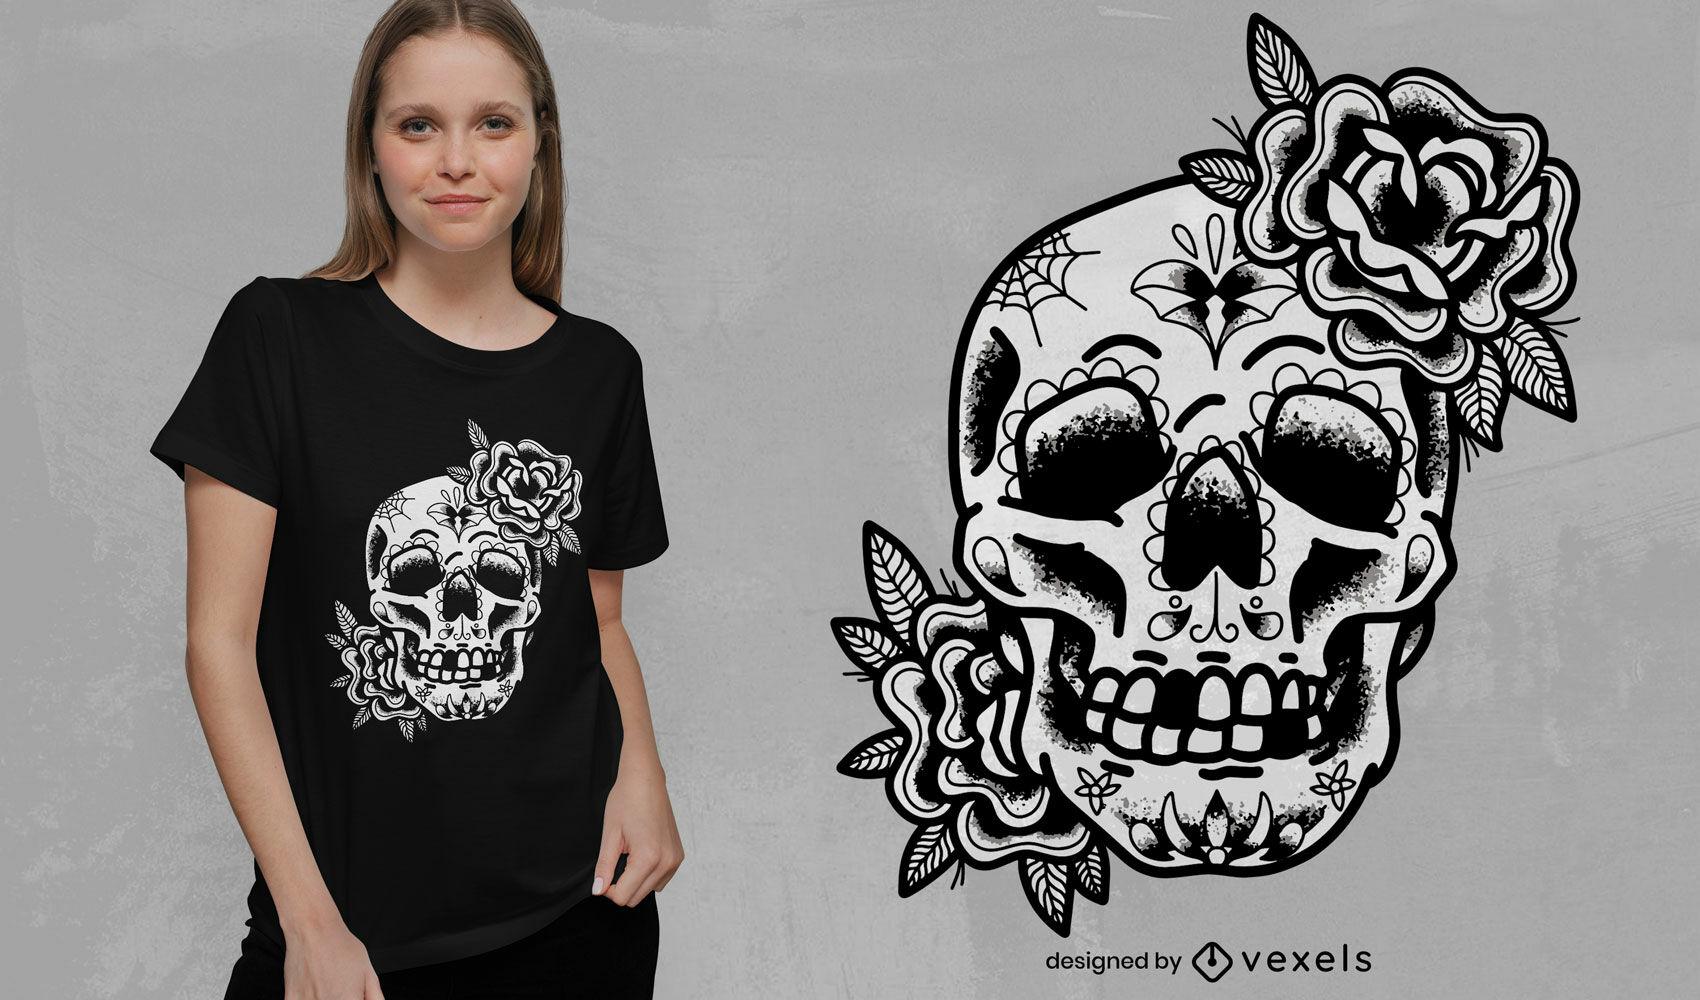 Sugar skull traditional tattoo t-shirt design